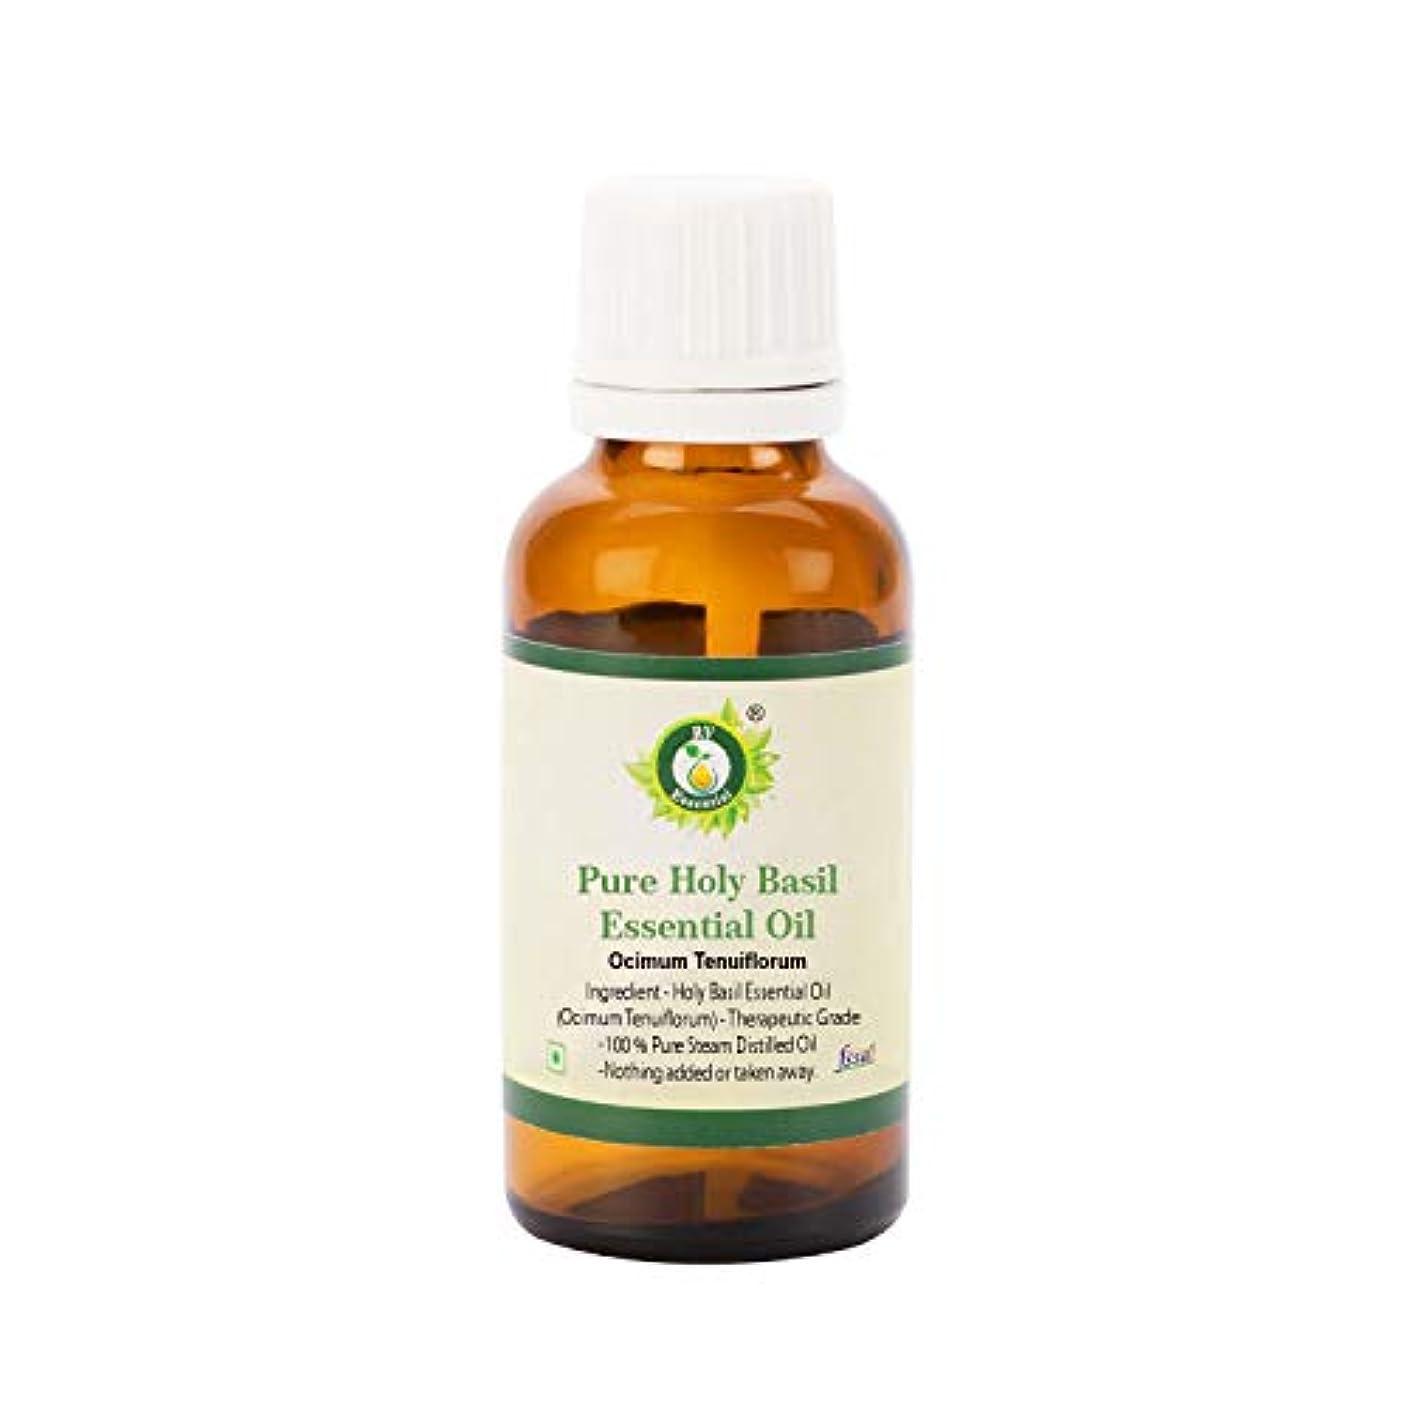 相談悲しむおもてなしR V Essential ピュアホーリーバジルエッセンシャルオイル50ml (1.69oz)- Ocimum Tenuiflorum (100%純粋&天然スチームDistilled) Pure Holy Basil Essential...